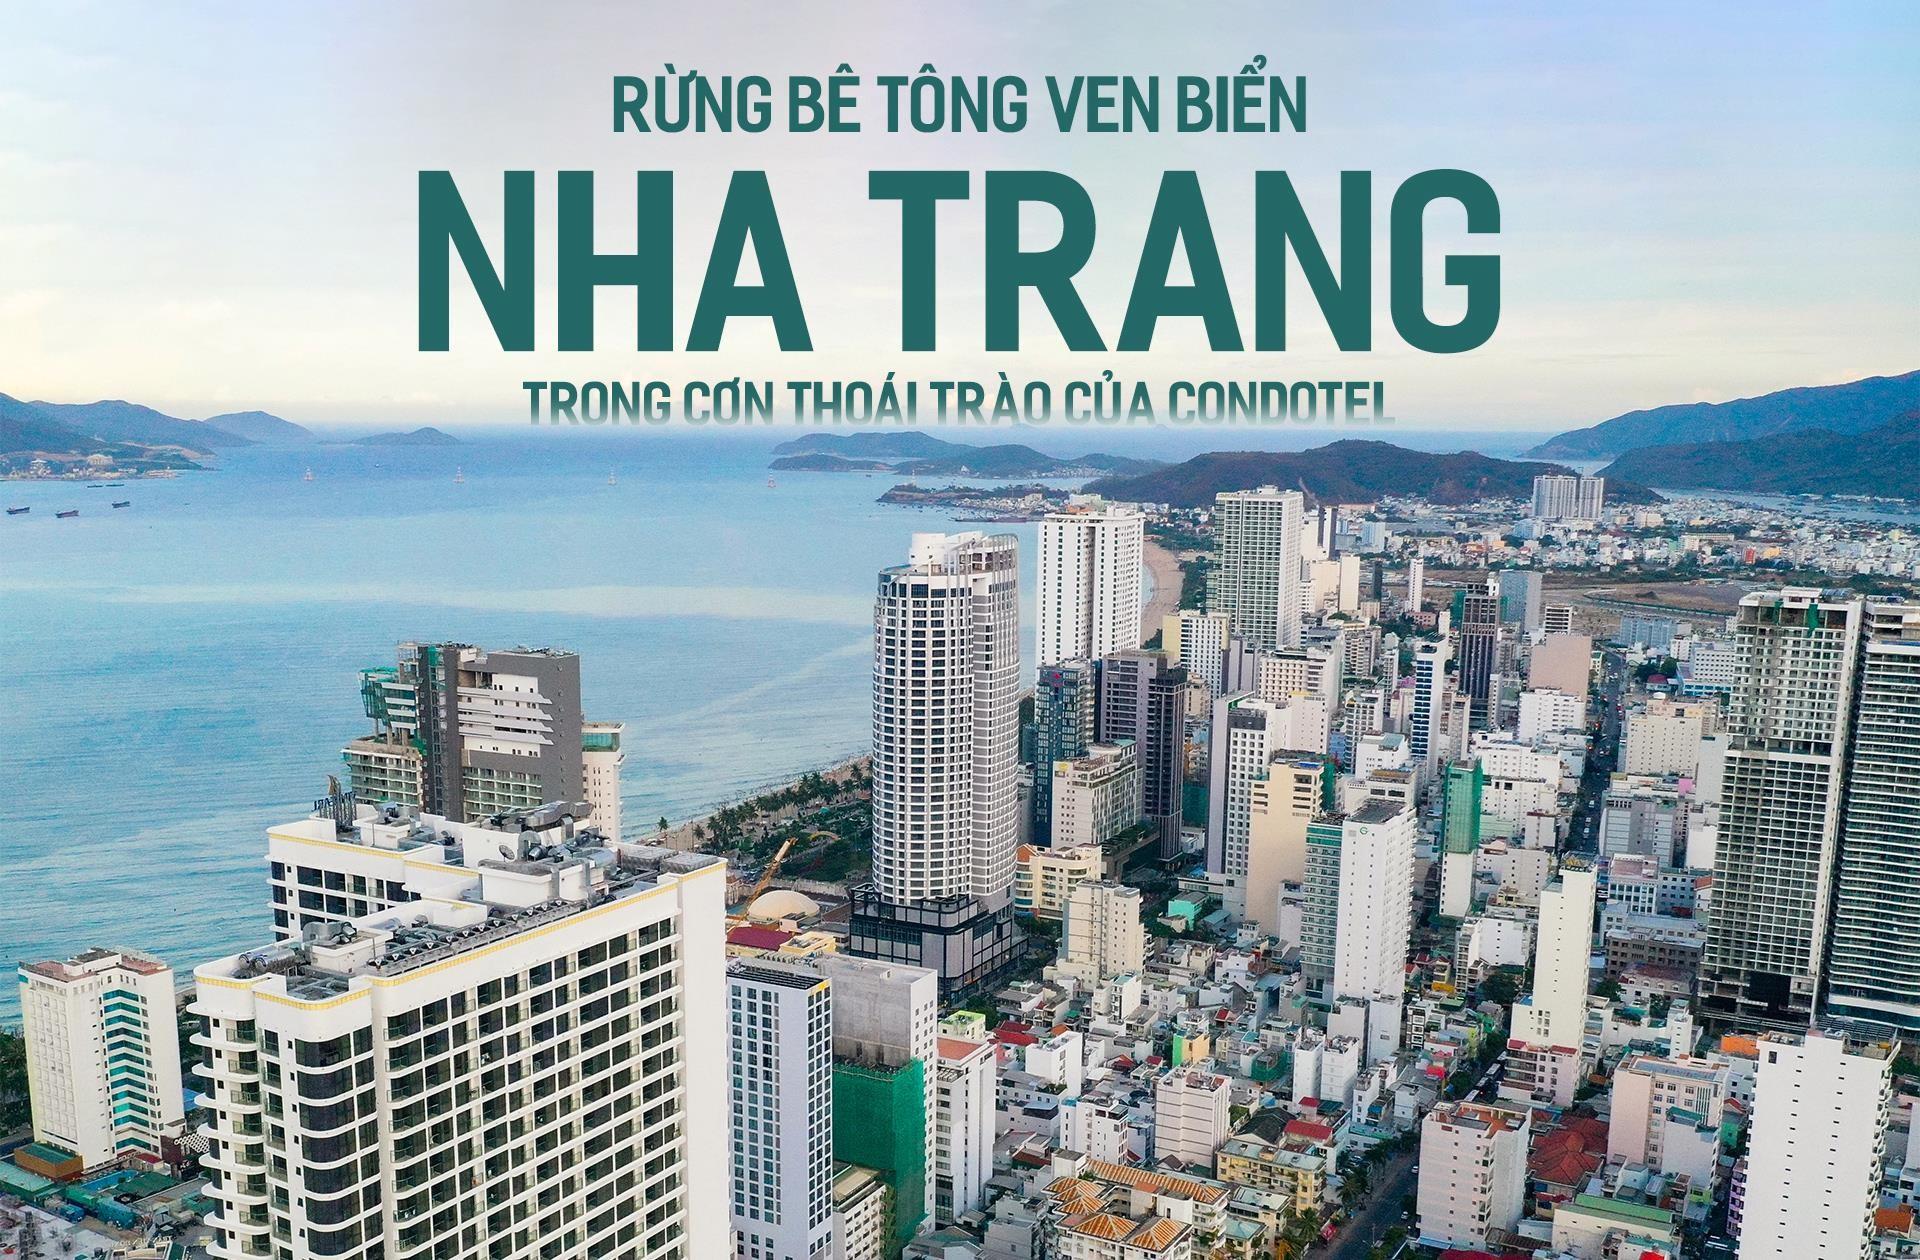 Rừng bê tông ven biển Nha Trang trong cơn thoái trào của condotel - Ảnh 1.